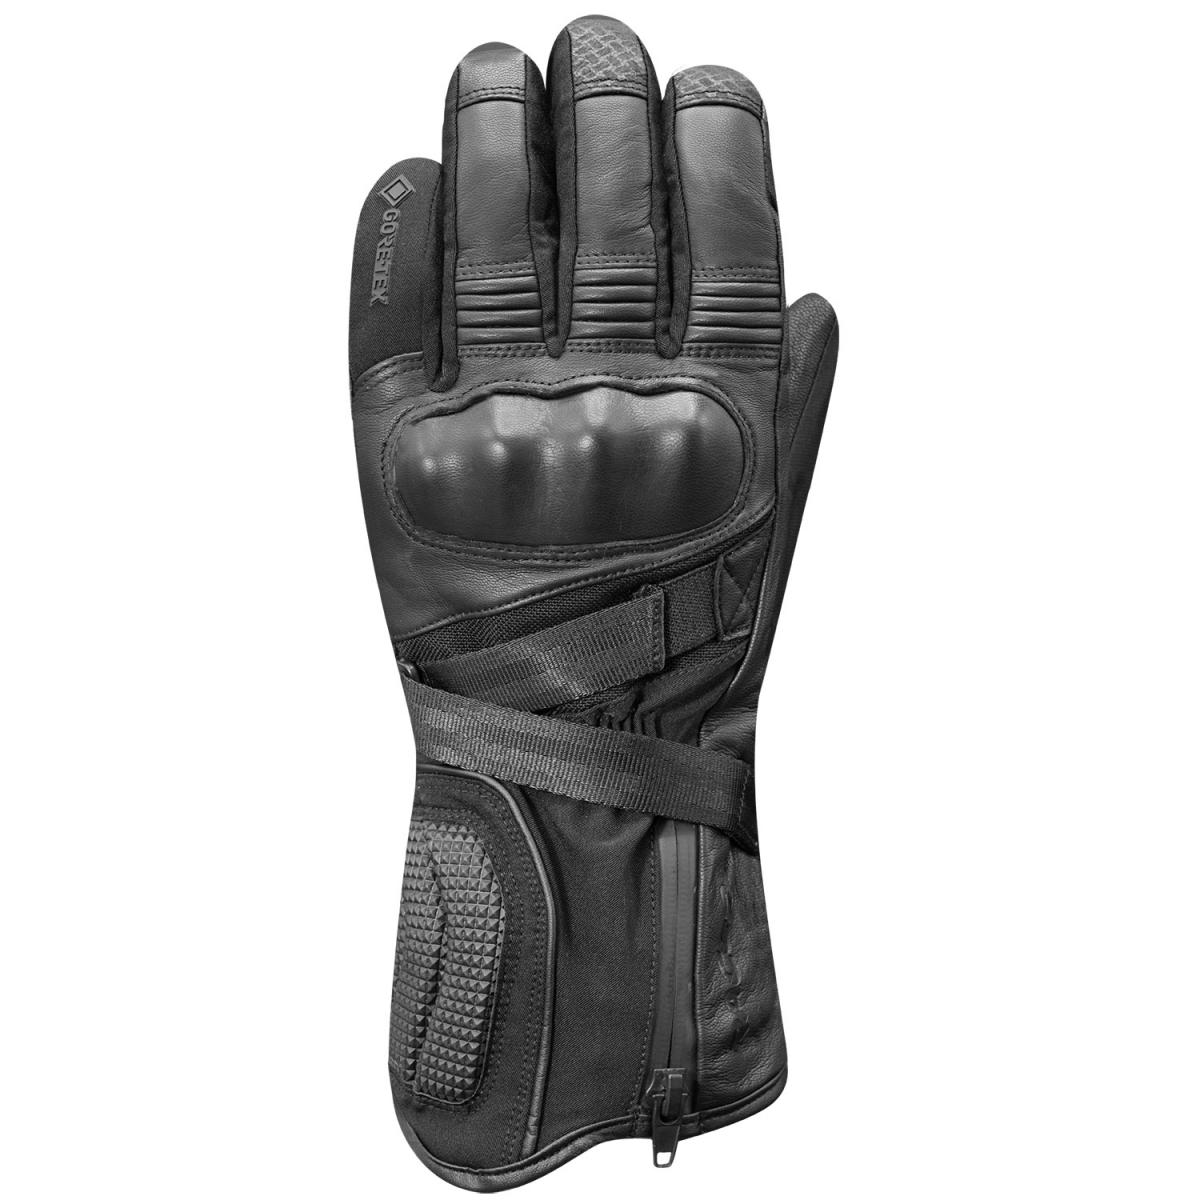 Racer Tourer Pro GTX Glove